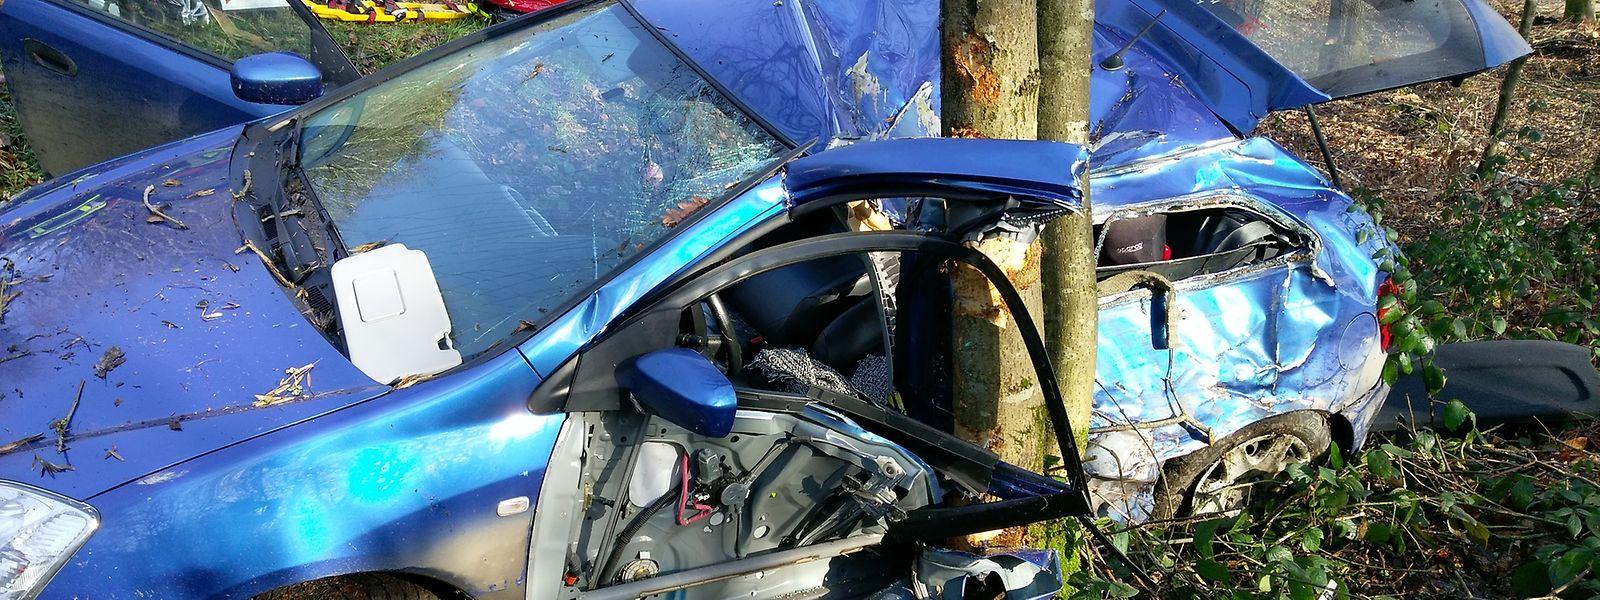 Der Fahrer dieses Wagens wurde schwer verletzt, als sein Fhrzeug seitlich einen Baum rammte.